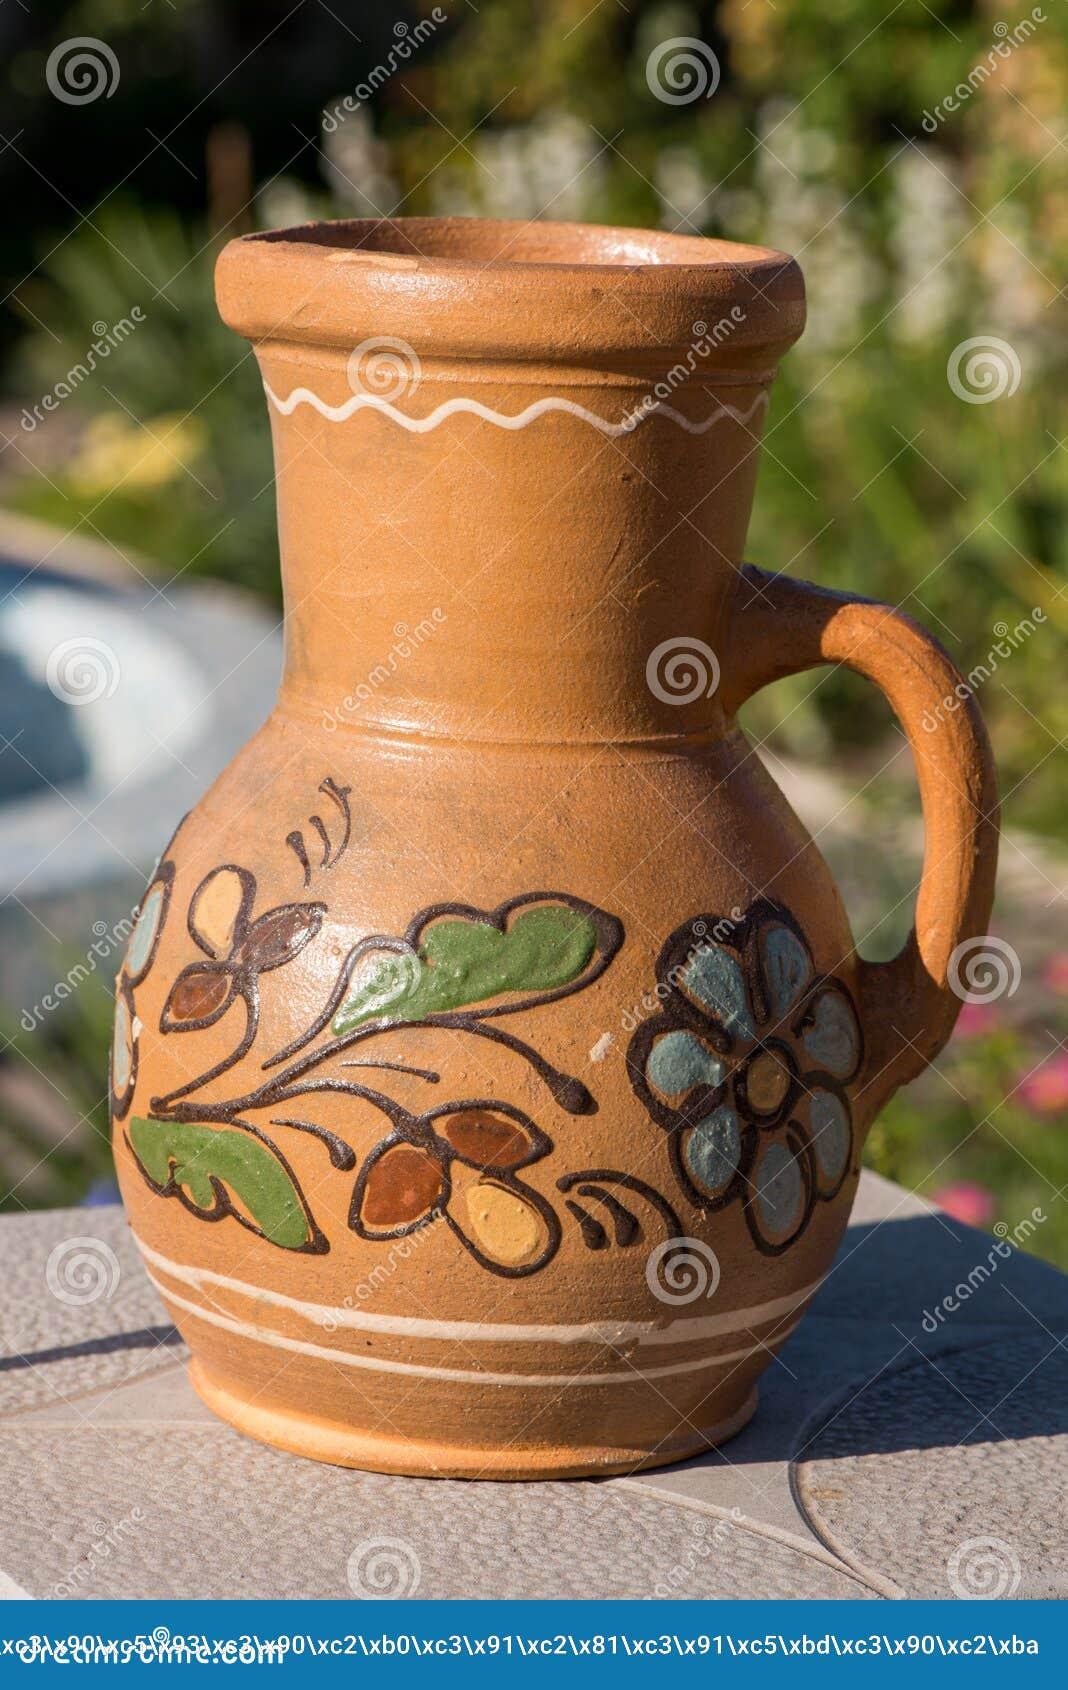 Jug With Clay Closeup  Jug With Ceramics Editorial Stock